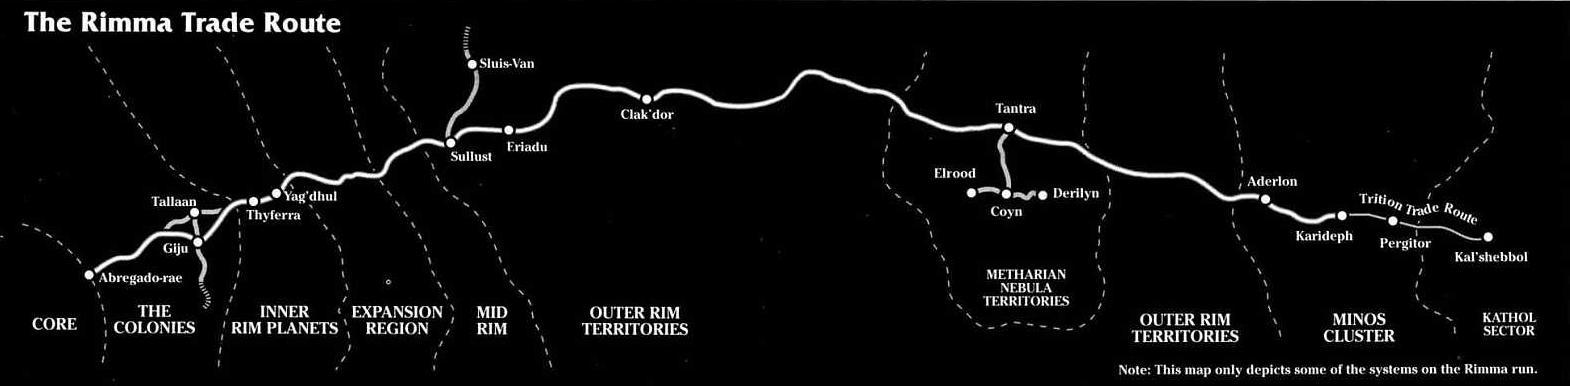 Rimma Trade Route/Legends